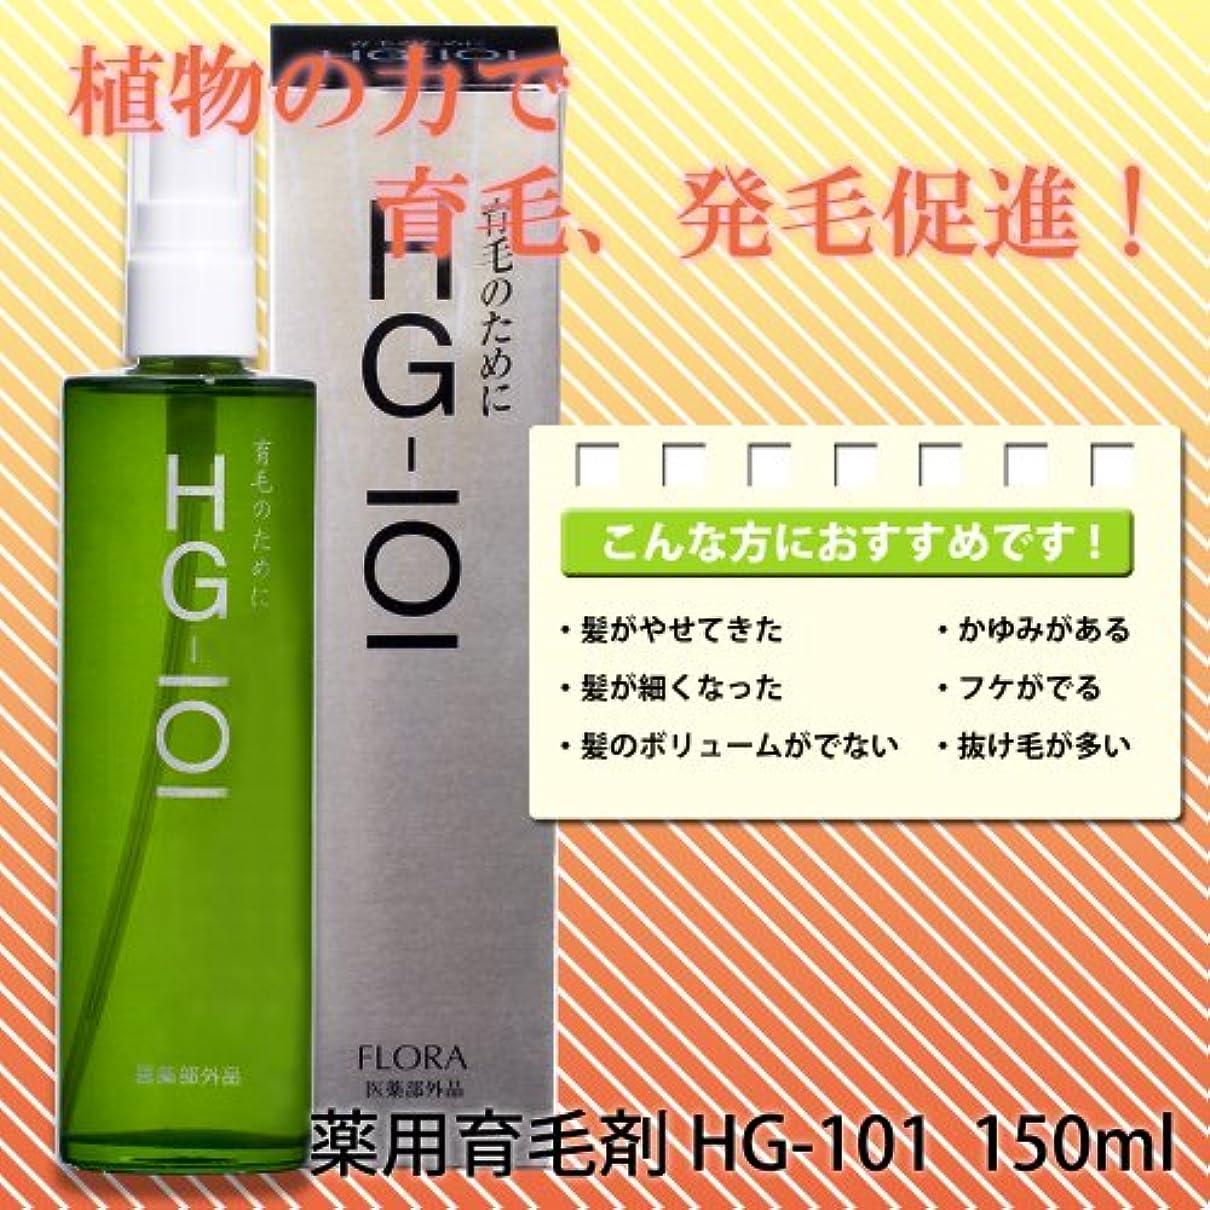 強います描く申請中薬用育毛剤HG-101 150ml